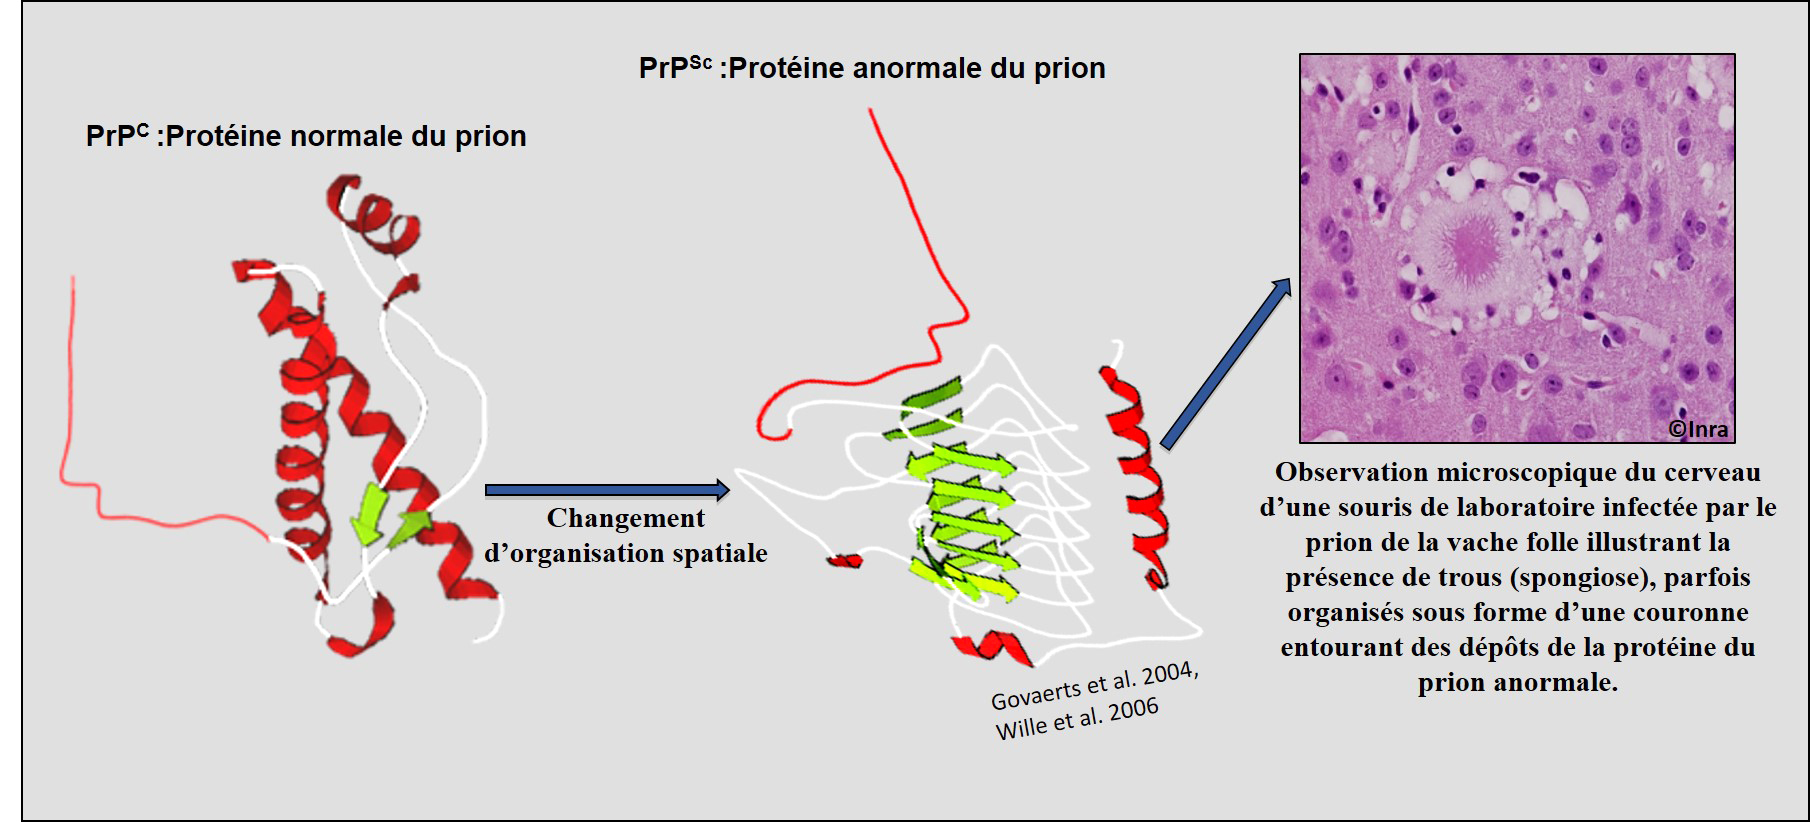 C'est sous sa forme anormale que la protéine prion devient pathogène. © Inra, Mohammed Moudjou